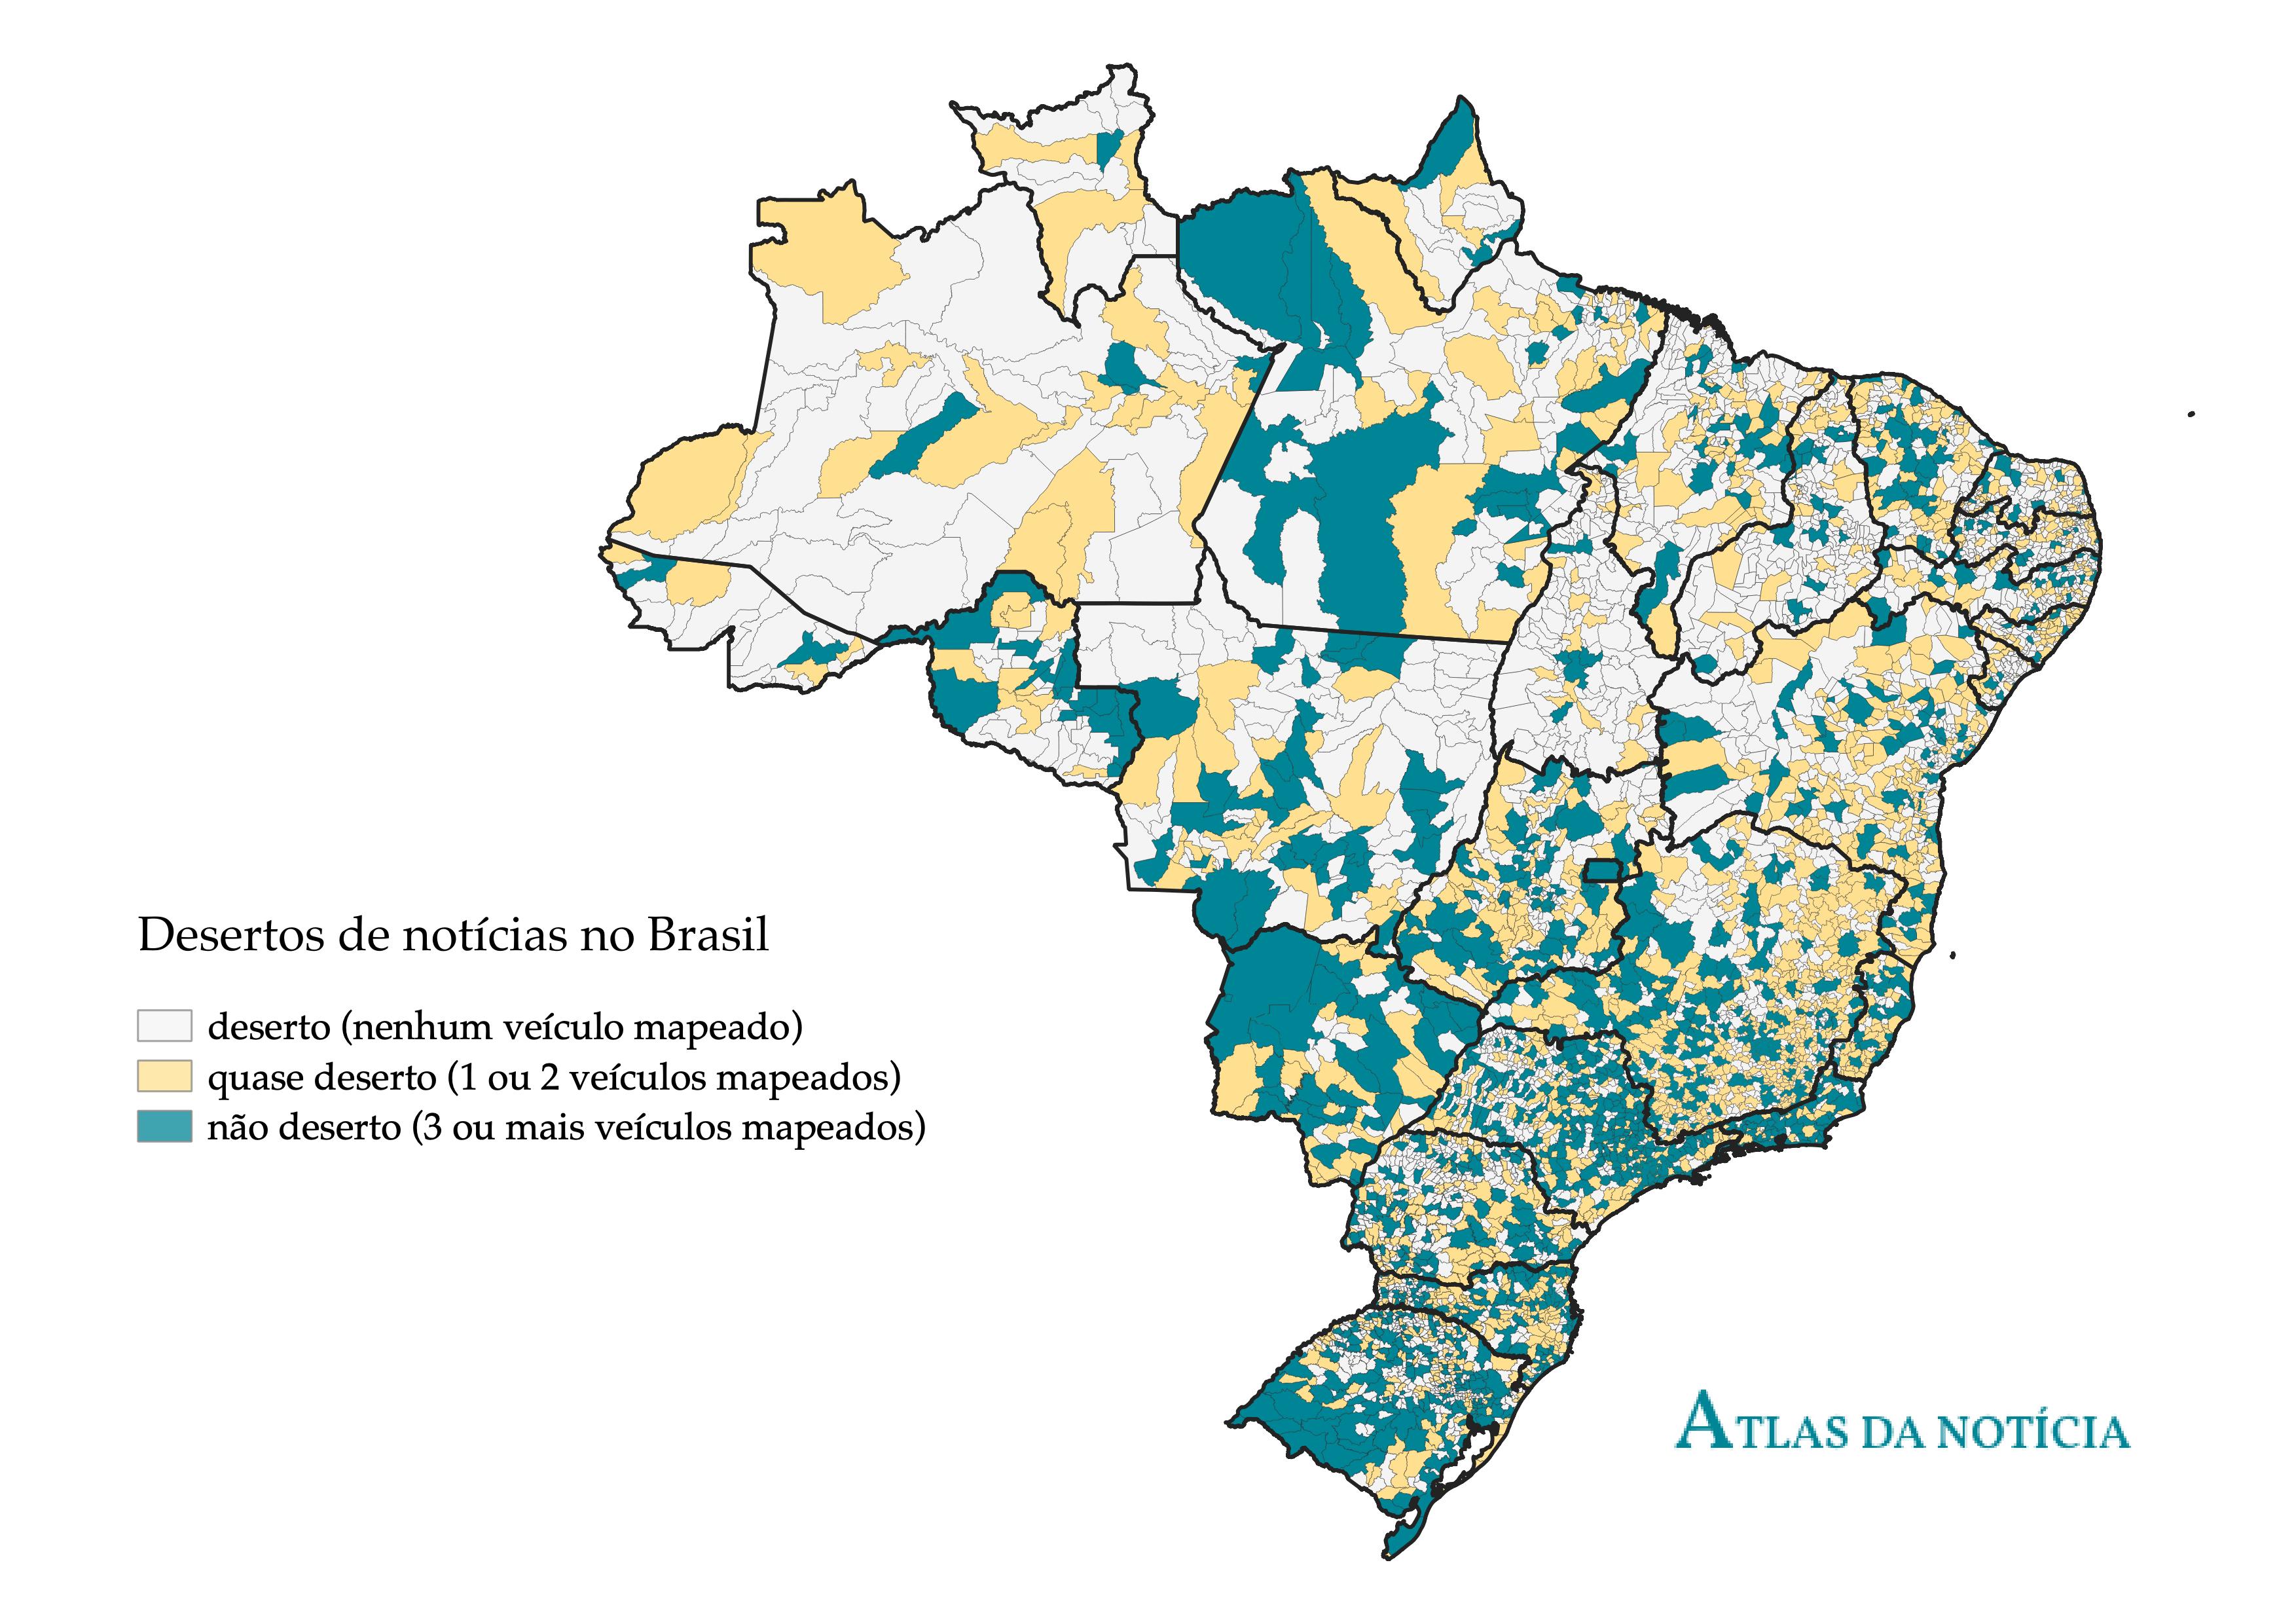 """O Atlas da Notícia mostra que 30% dos municípios brasileiros, mostrados em amarelo, são """"quase desertos"""" de notícias. (Cortesia)"""